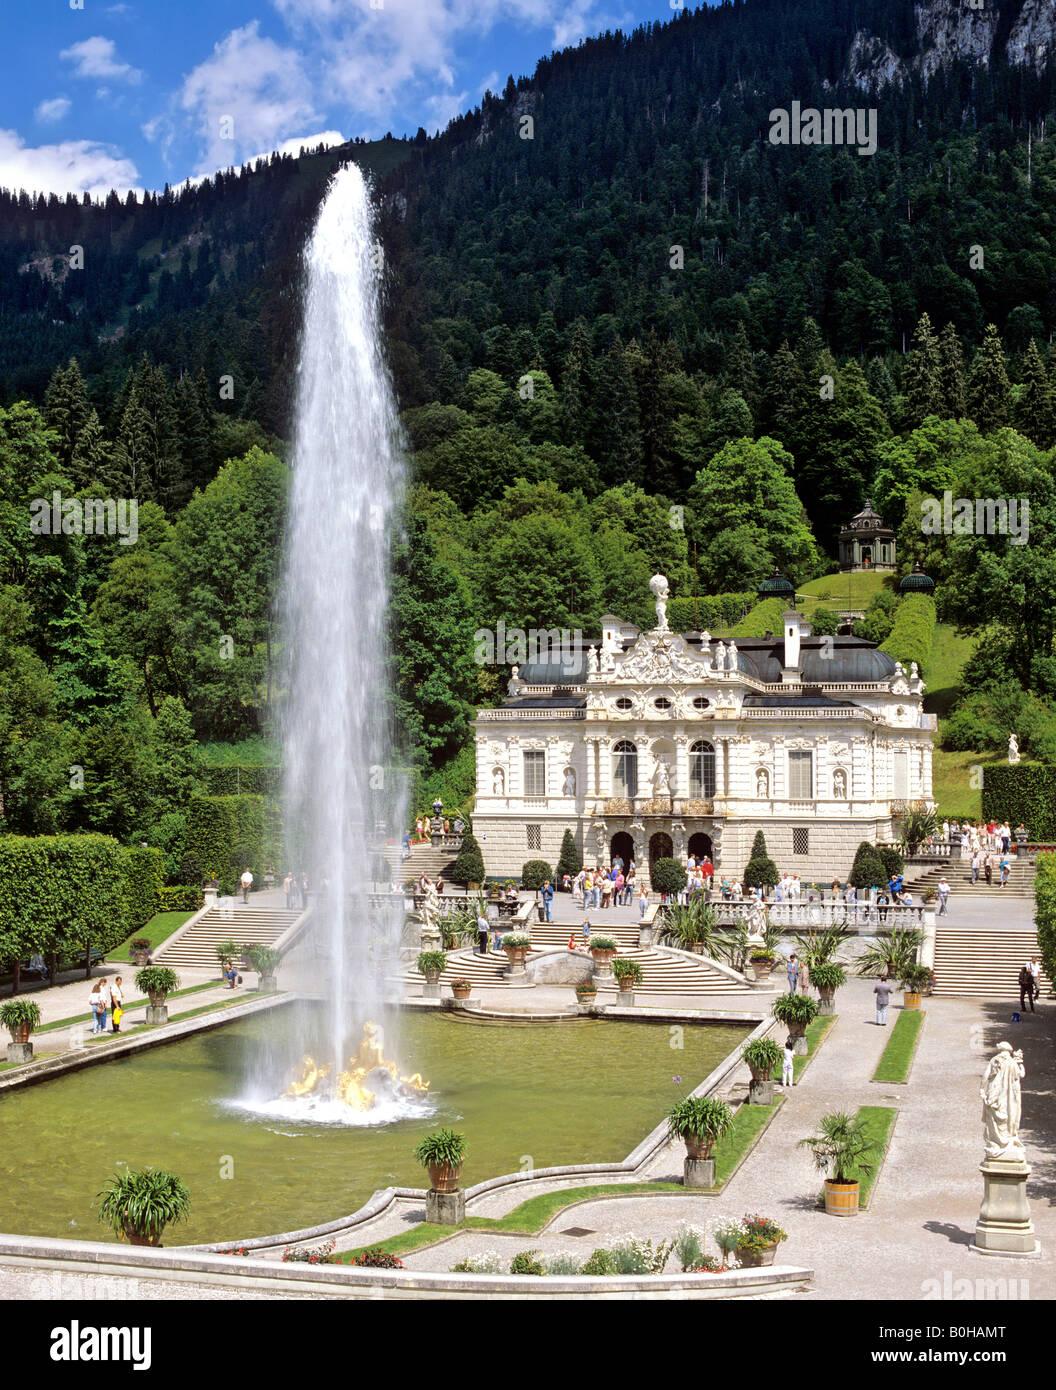 Schloss Linderhof, Linderhof Castle, castle of Ludwig II, Graswangtal Valley, Oberammergau, Upper Bavaria, Bavaria, - Stock Image